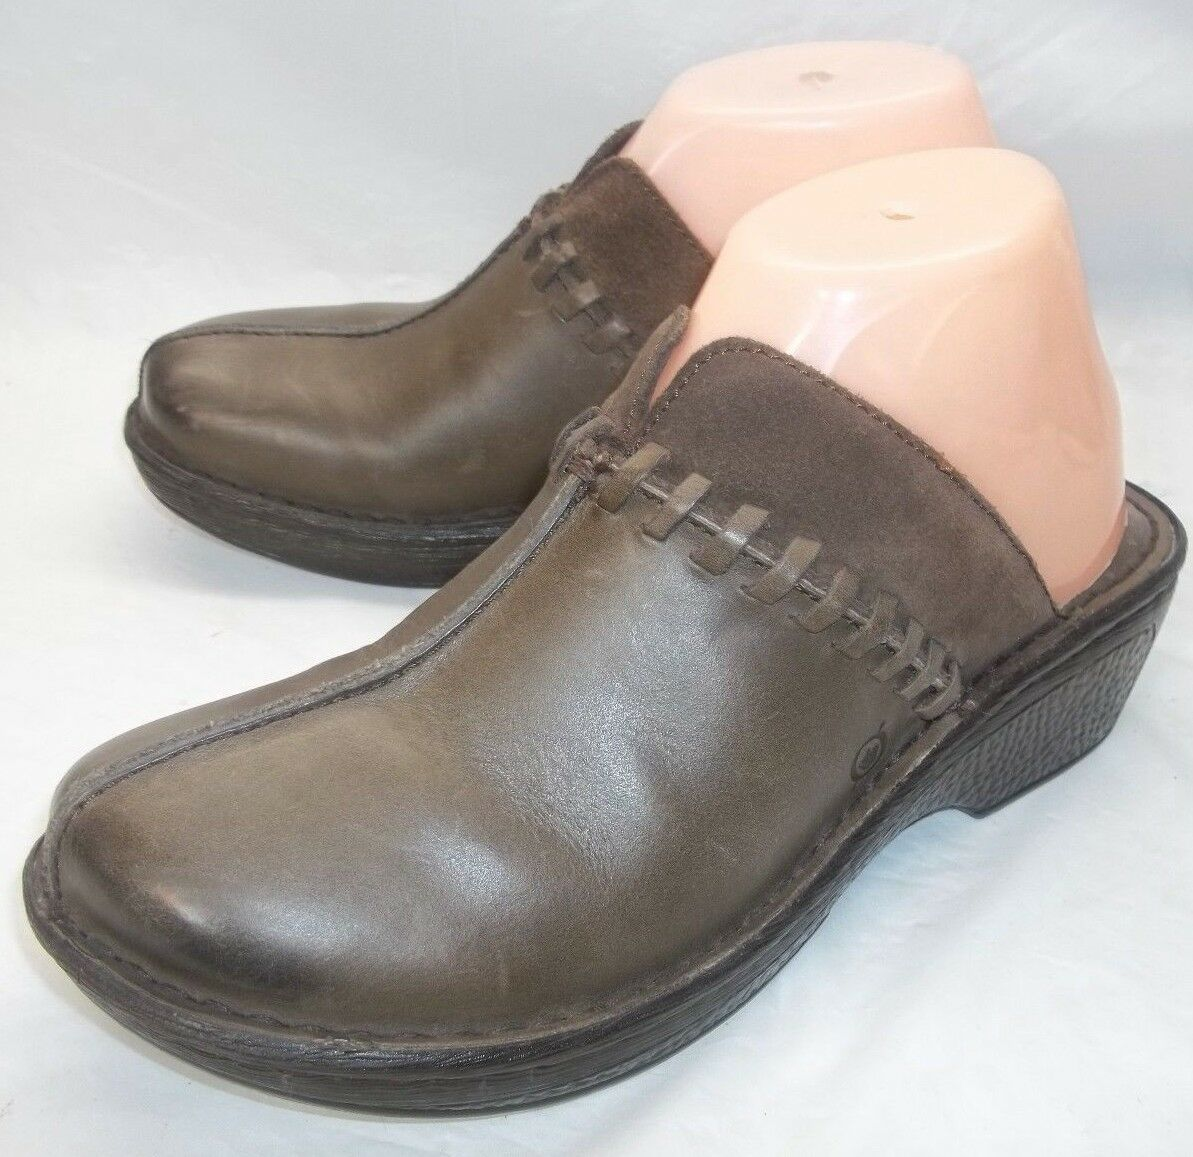 Nacido Nacido Nacido para mujer zapatos albarcas nos EU 39 8 M Cuero Marrón Sin Cordones Comodidad cuñas  despacho de tienda